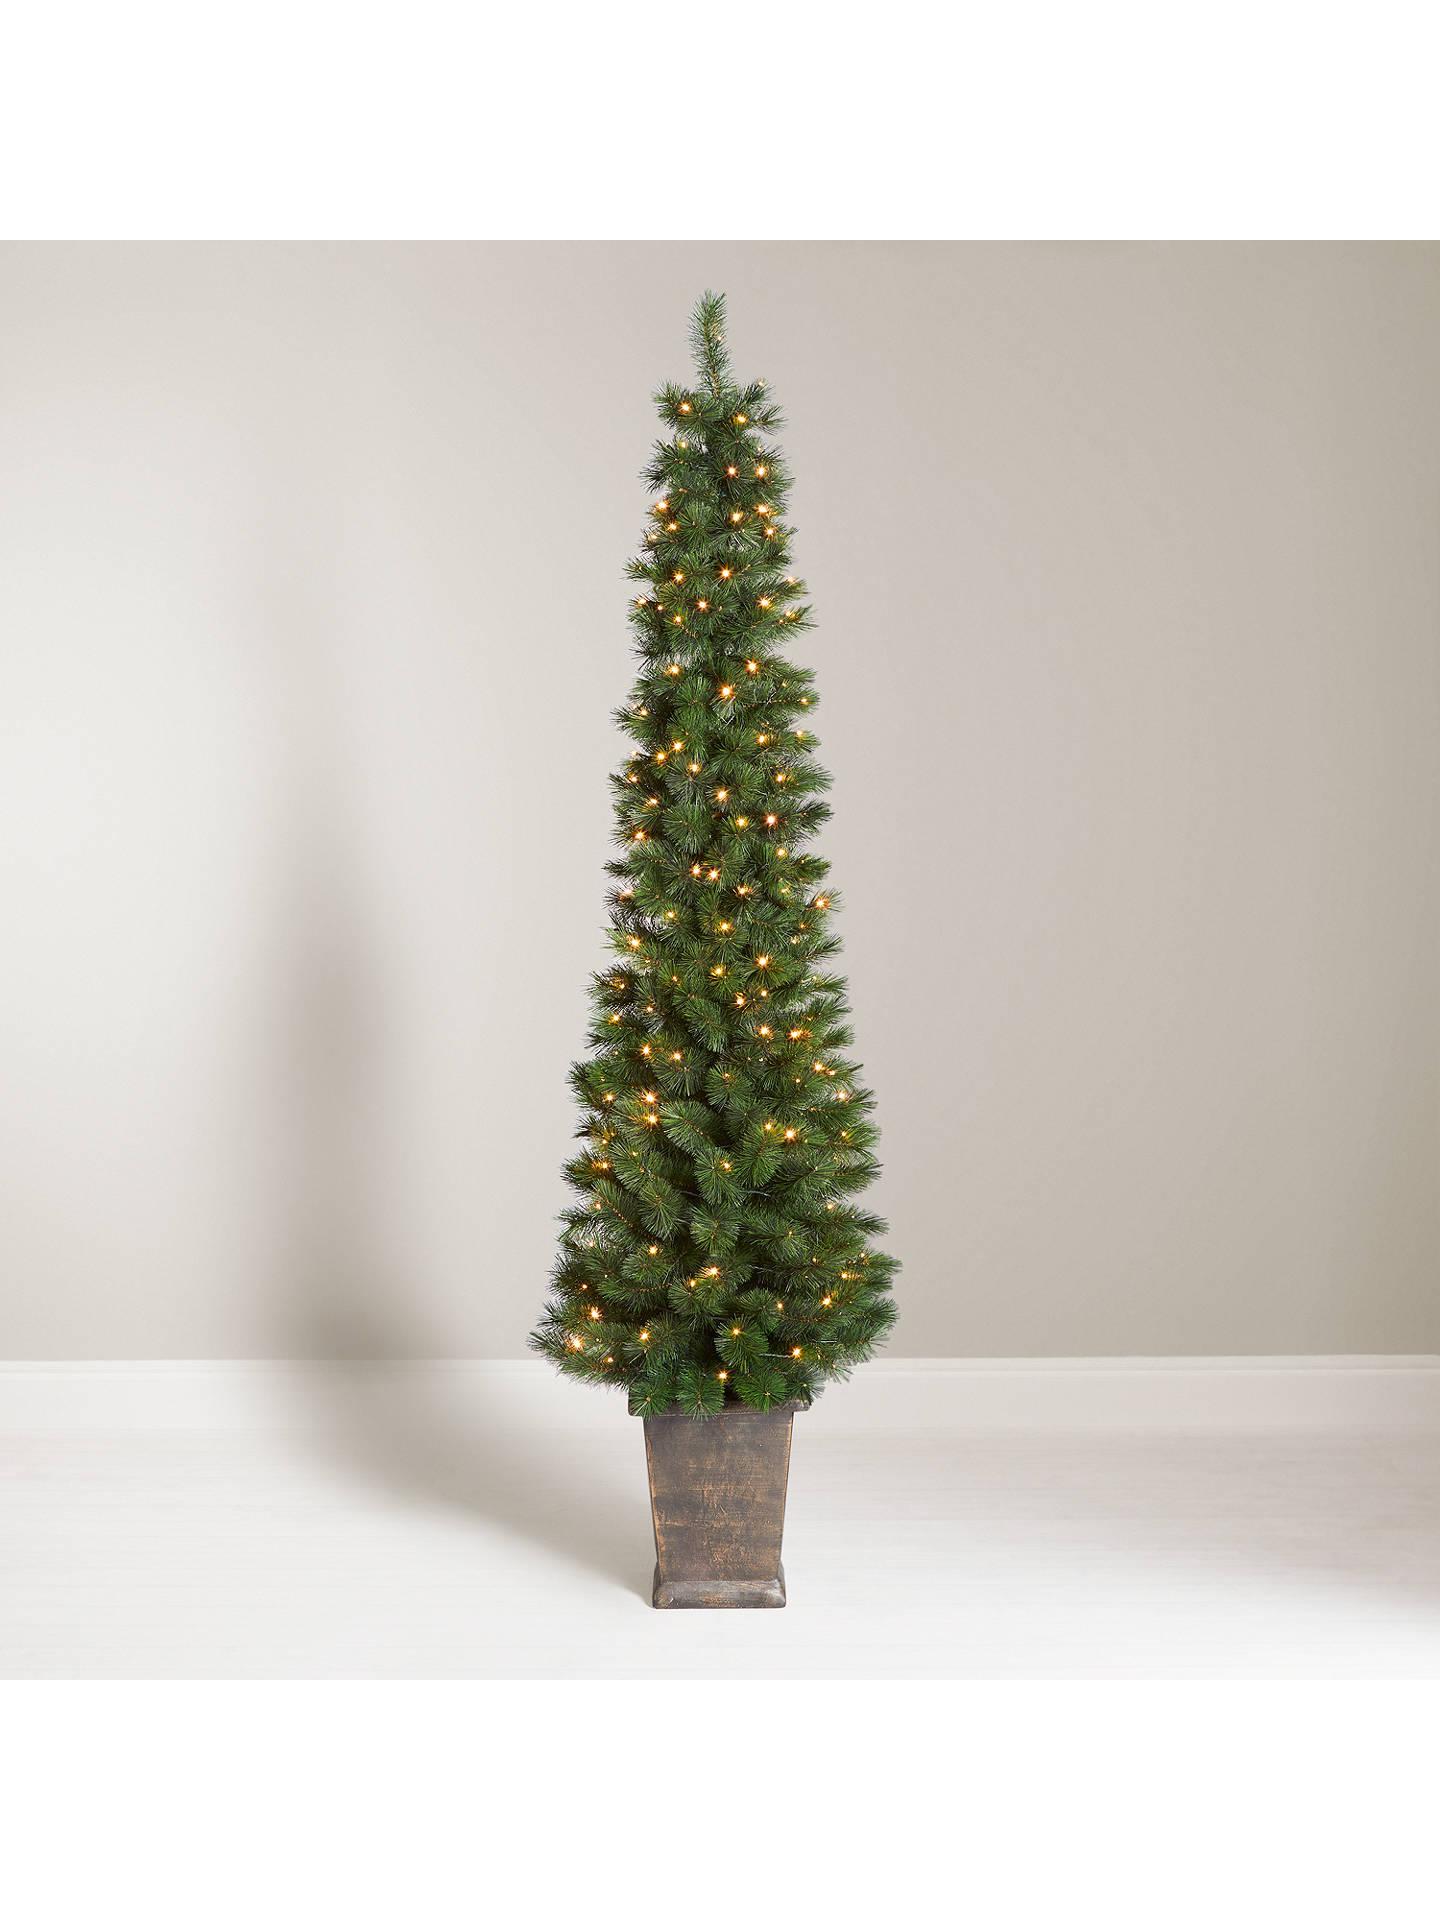 best service 14440 4d52e John Lewis & Partners Pencil Pine Potted Pre-lit Christmas Tree, 5ft